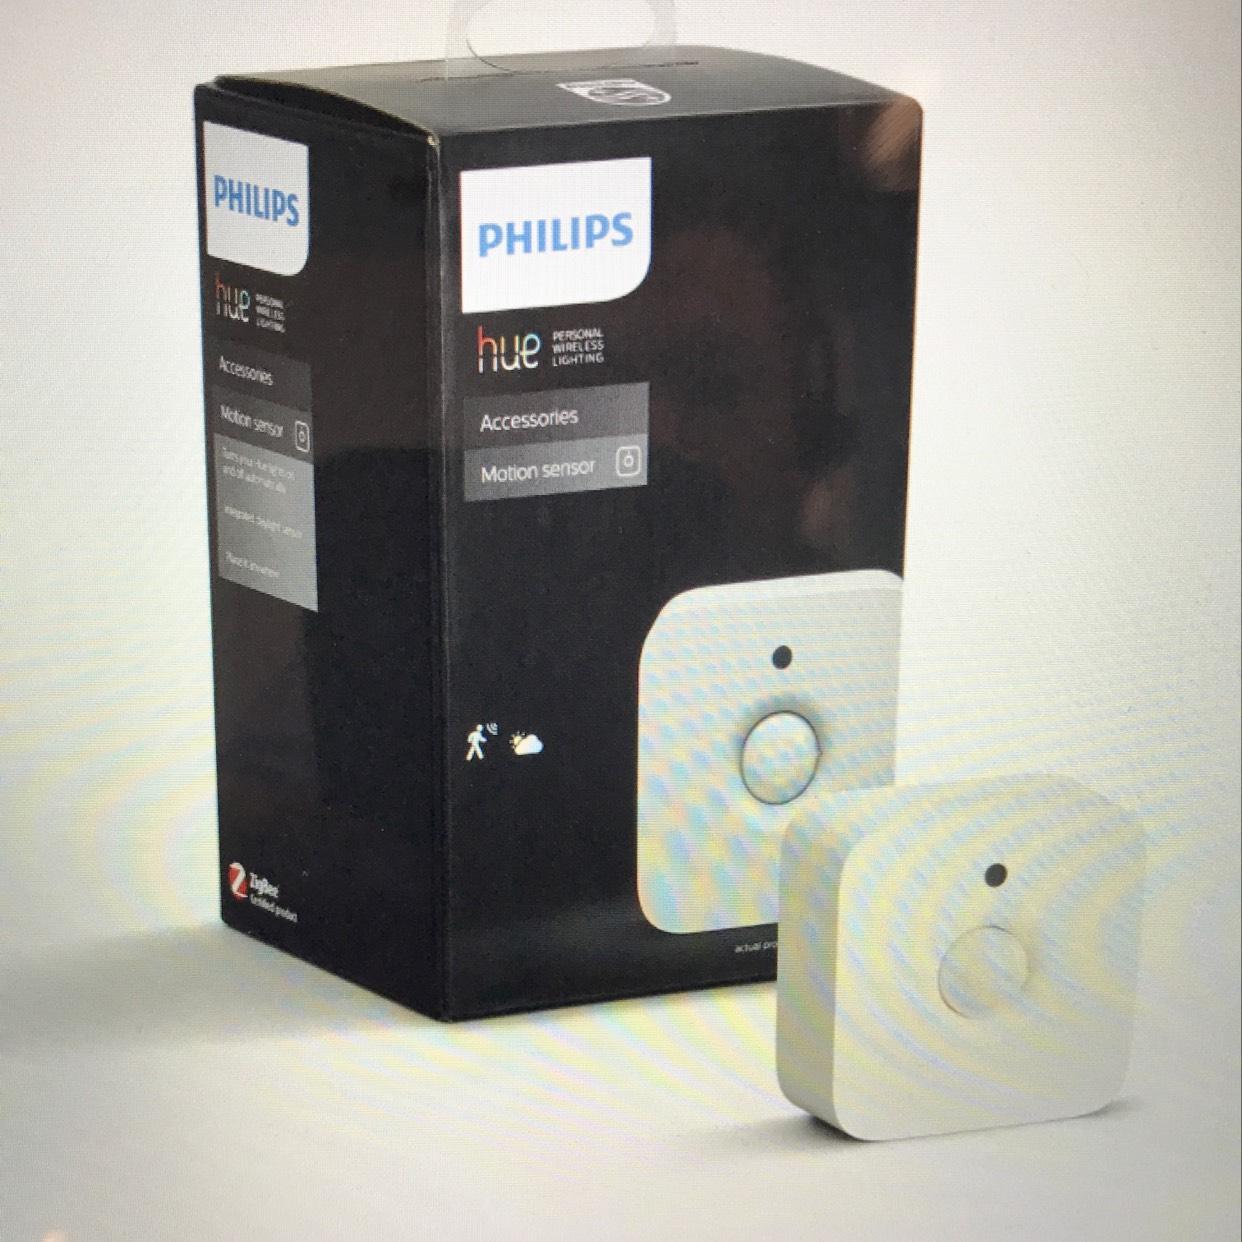 Hue Sensor £29.99 at VERY